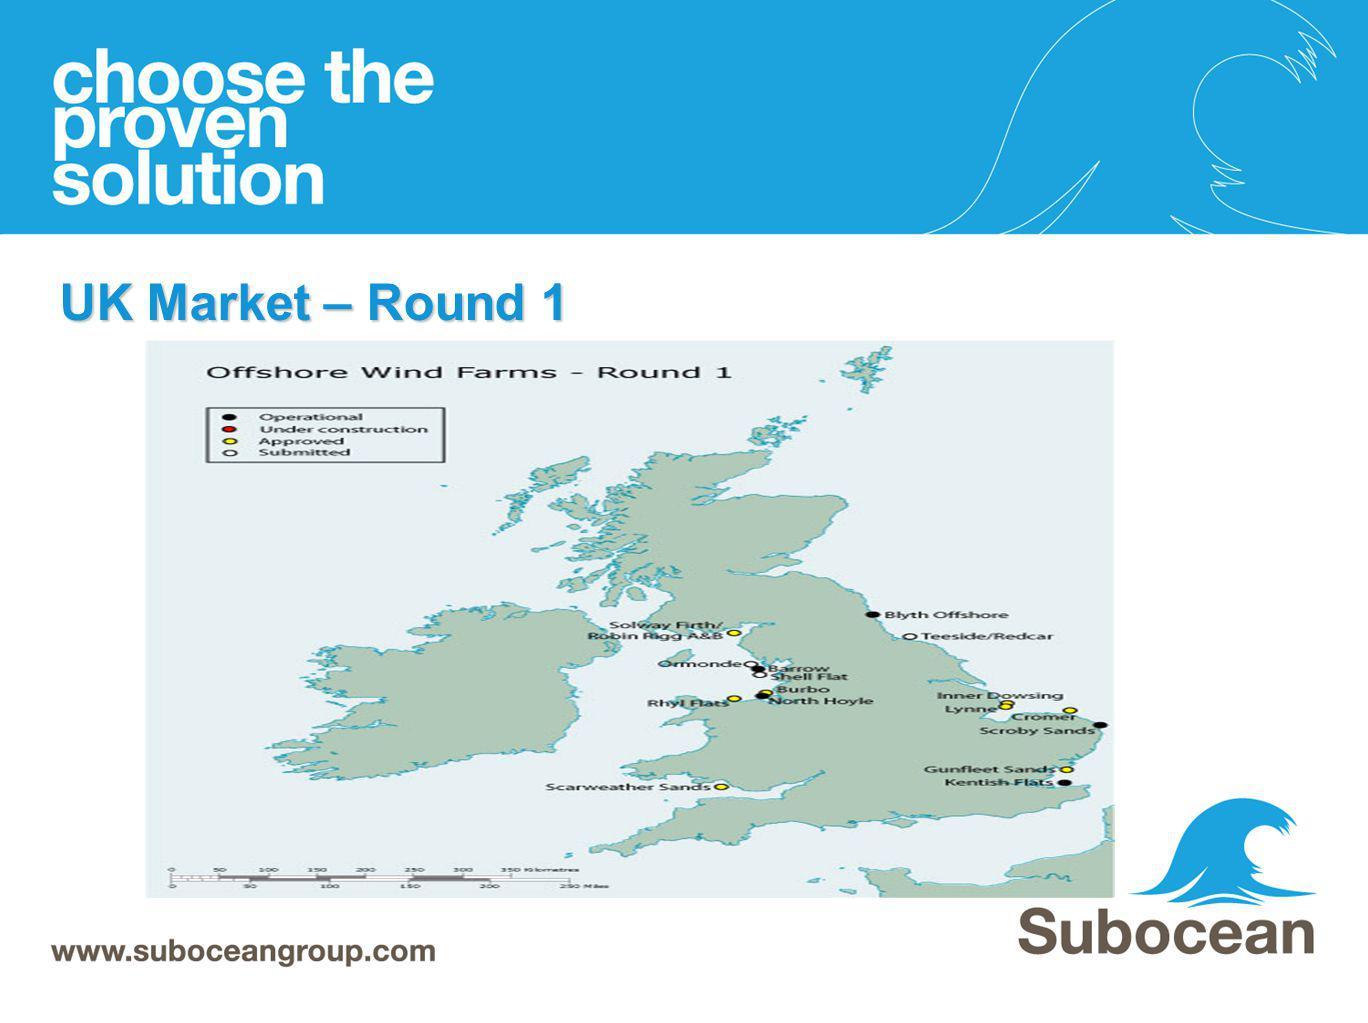 UK Market – Round 1